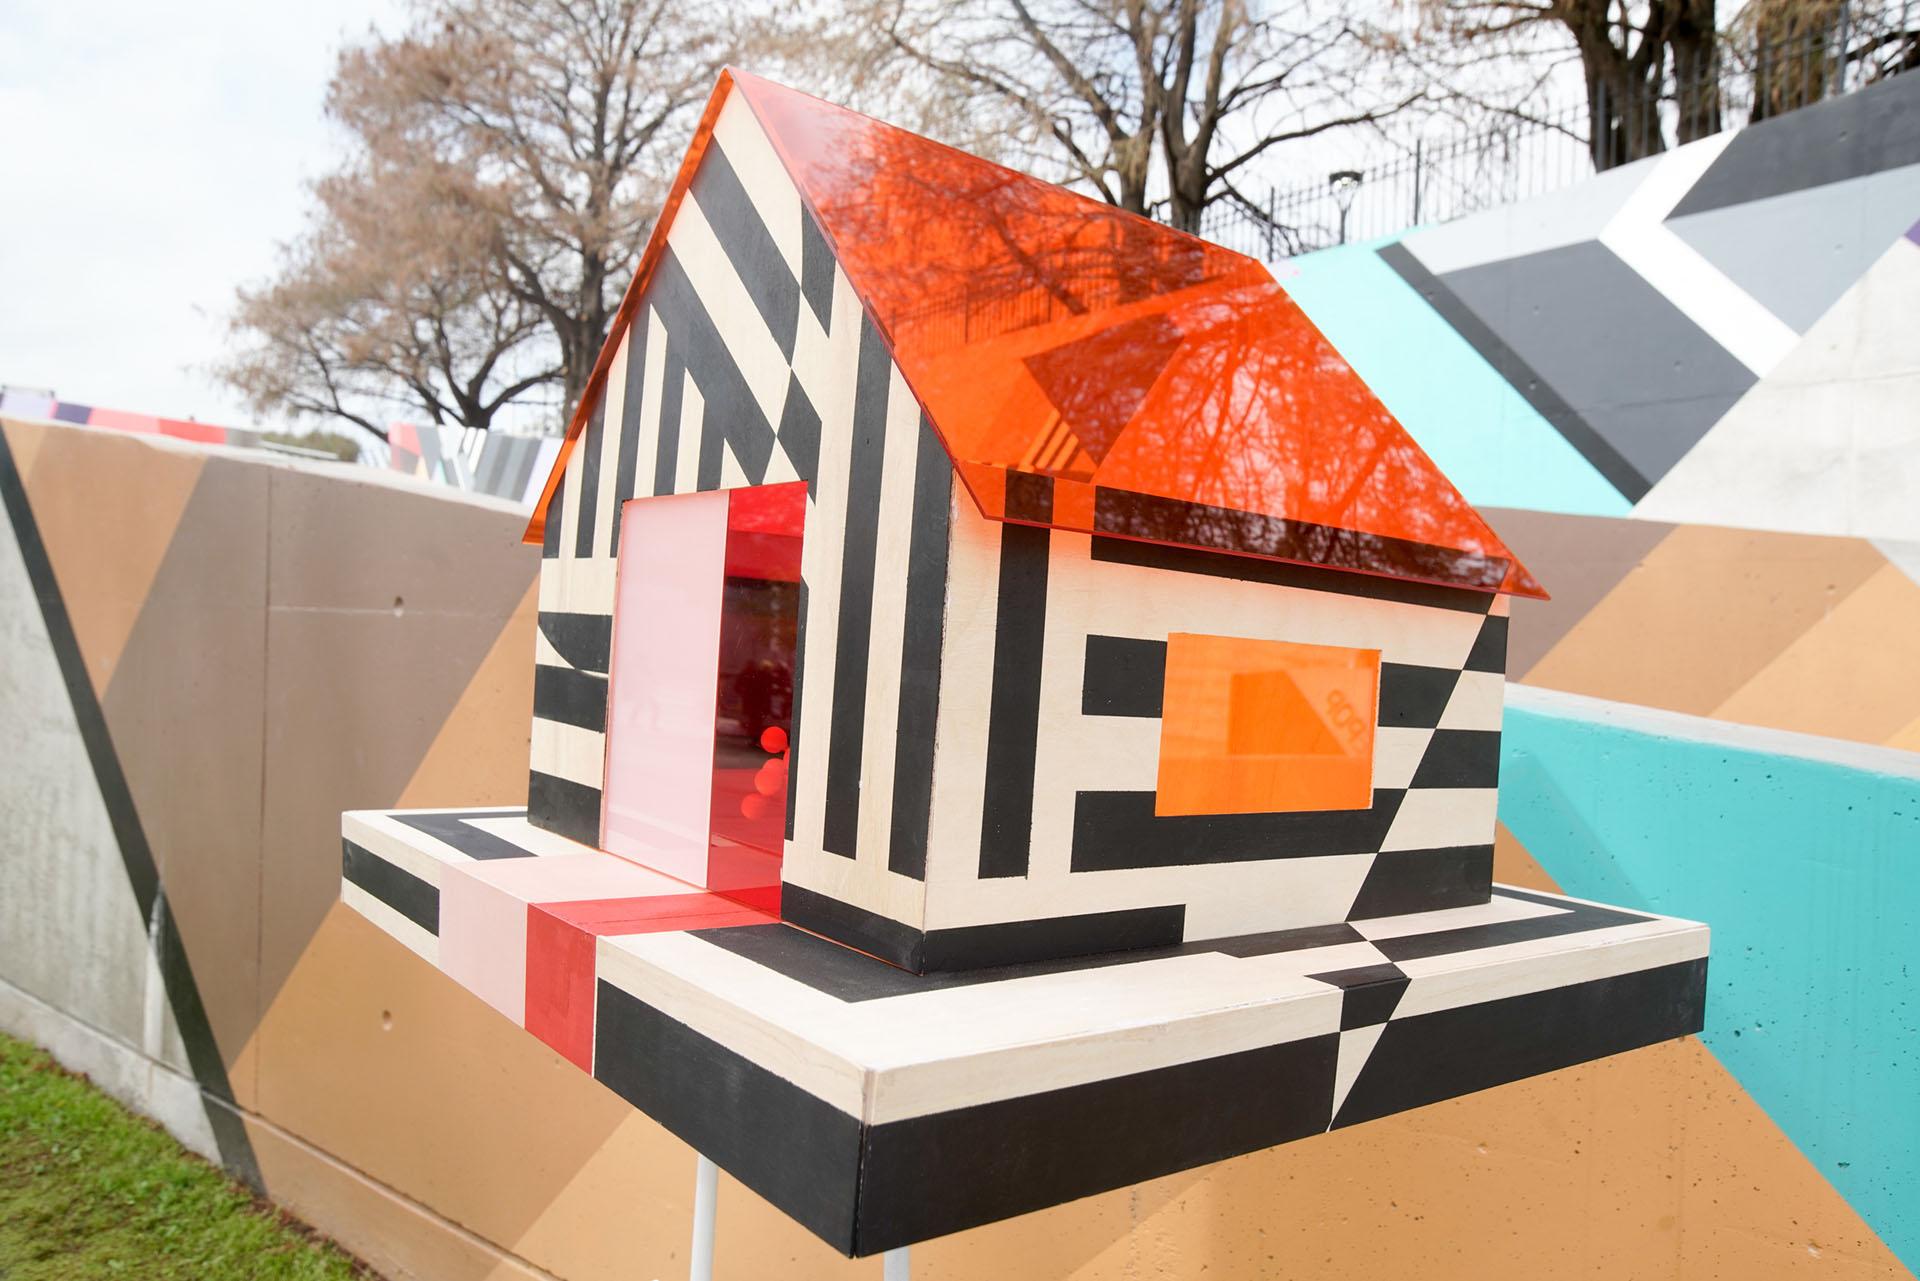 By María Beatriz González Zuelgaray y Ángeles Boyan, realizado con acrílico naranja, rojo, blanco y negro